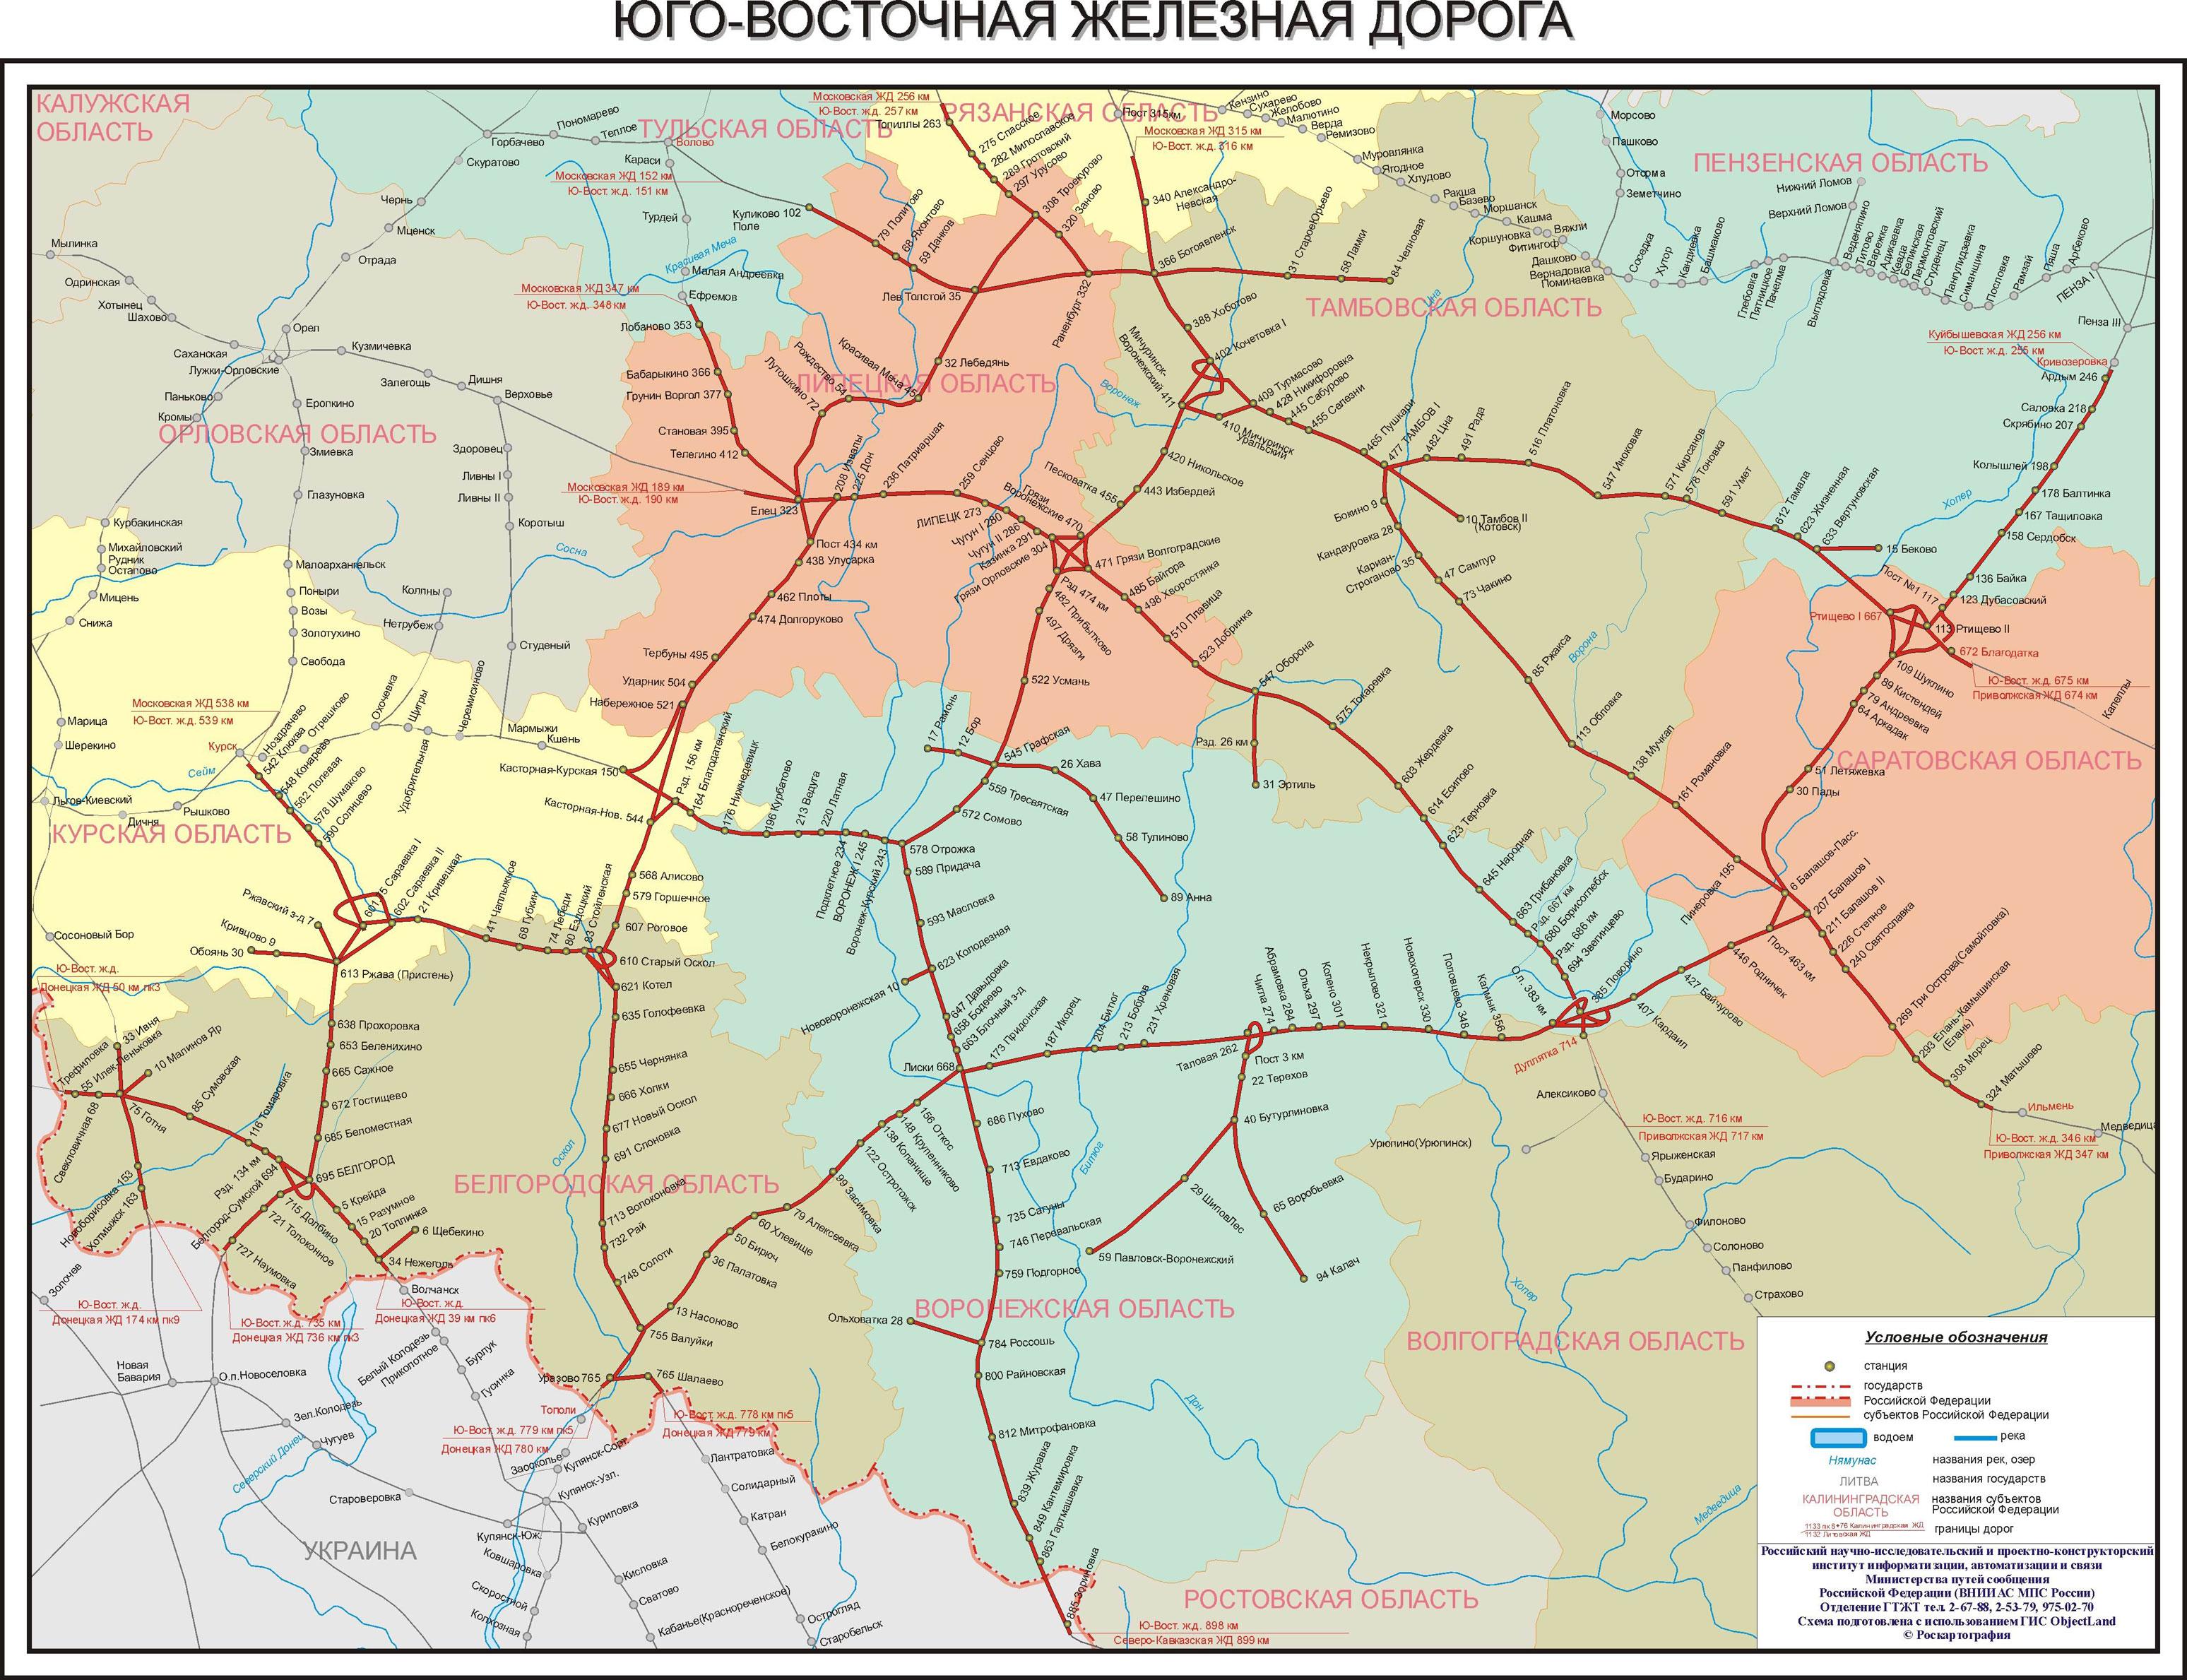 Юго-Восточная железная дорога.  Схема Юго-Восточной железной дороги.